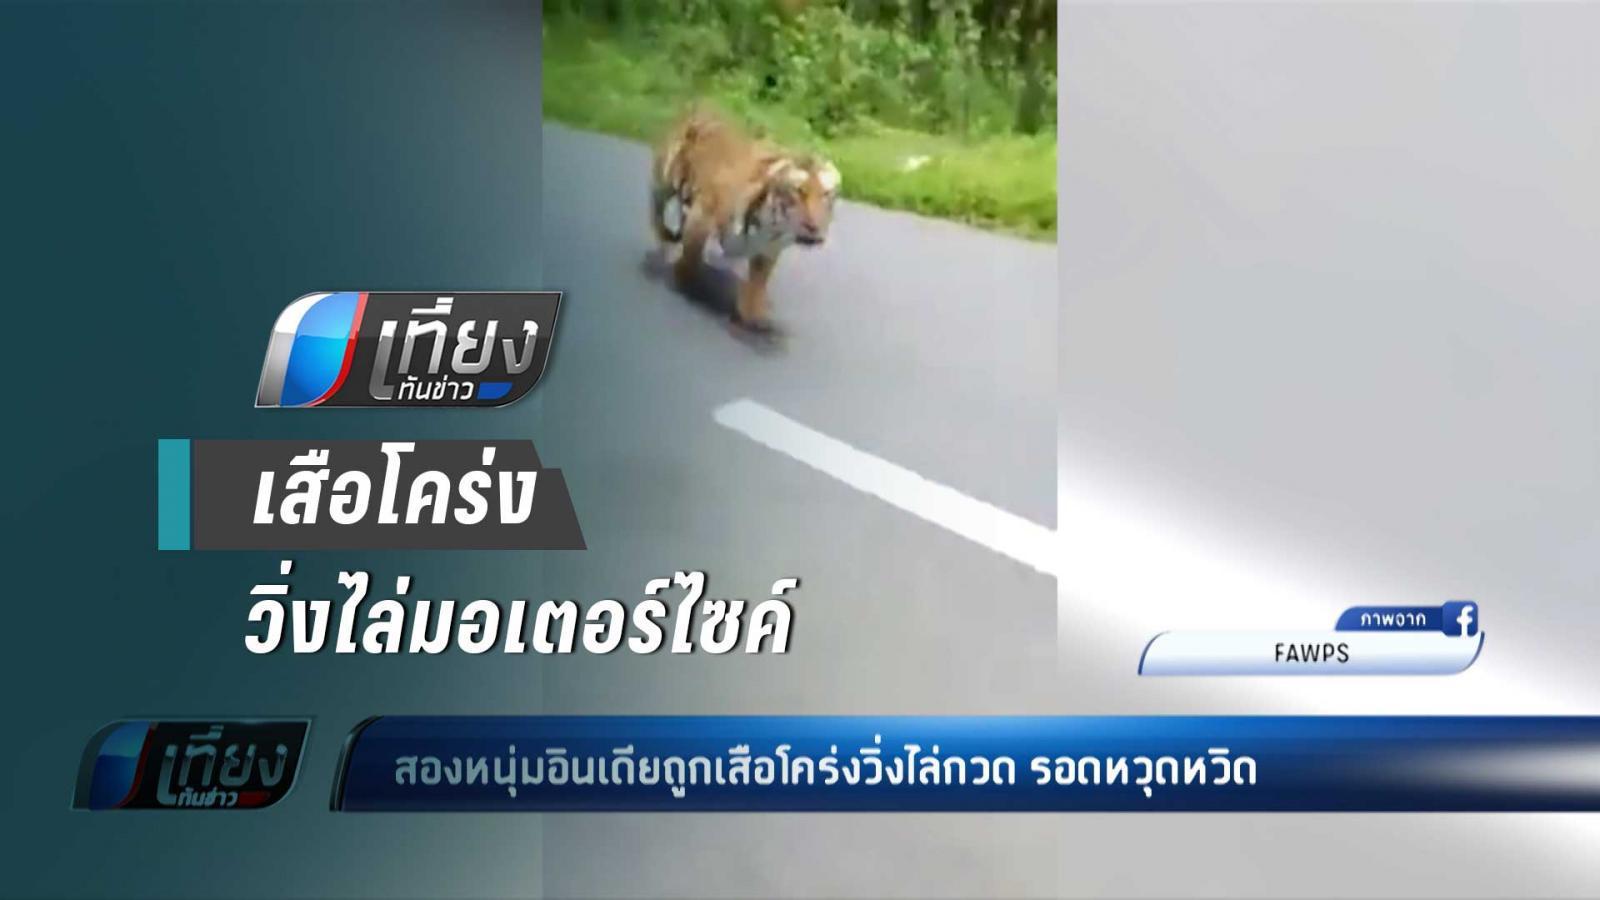 หวุดหวิด !! สองหนุ่มอินเดีย ถูก เสือโคร่ง วิ่งไล่กวด